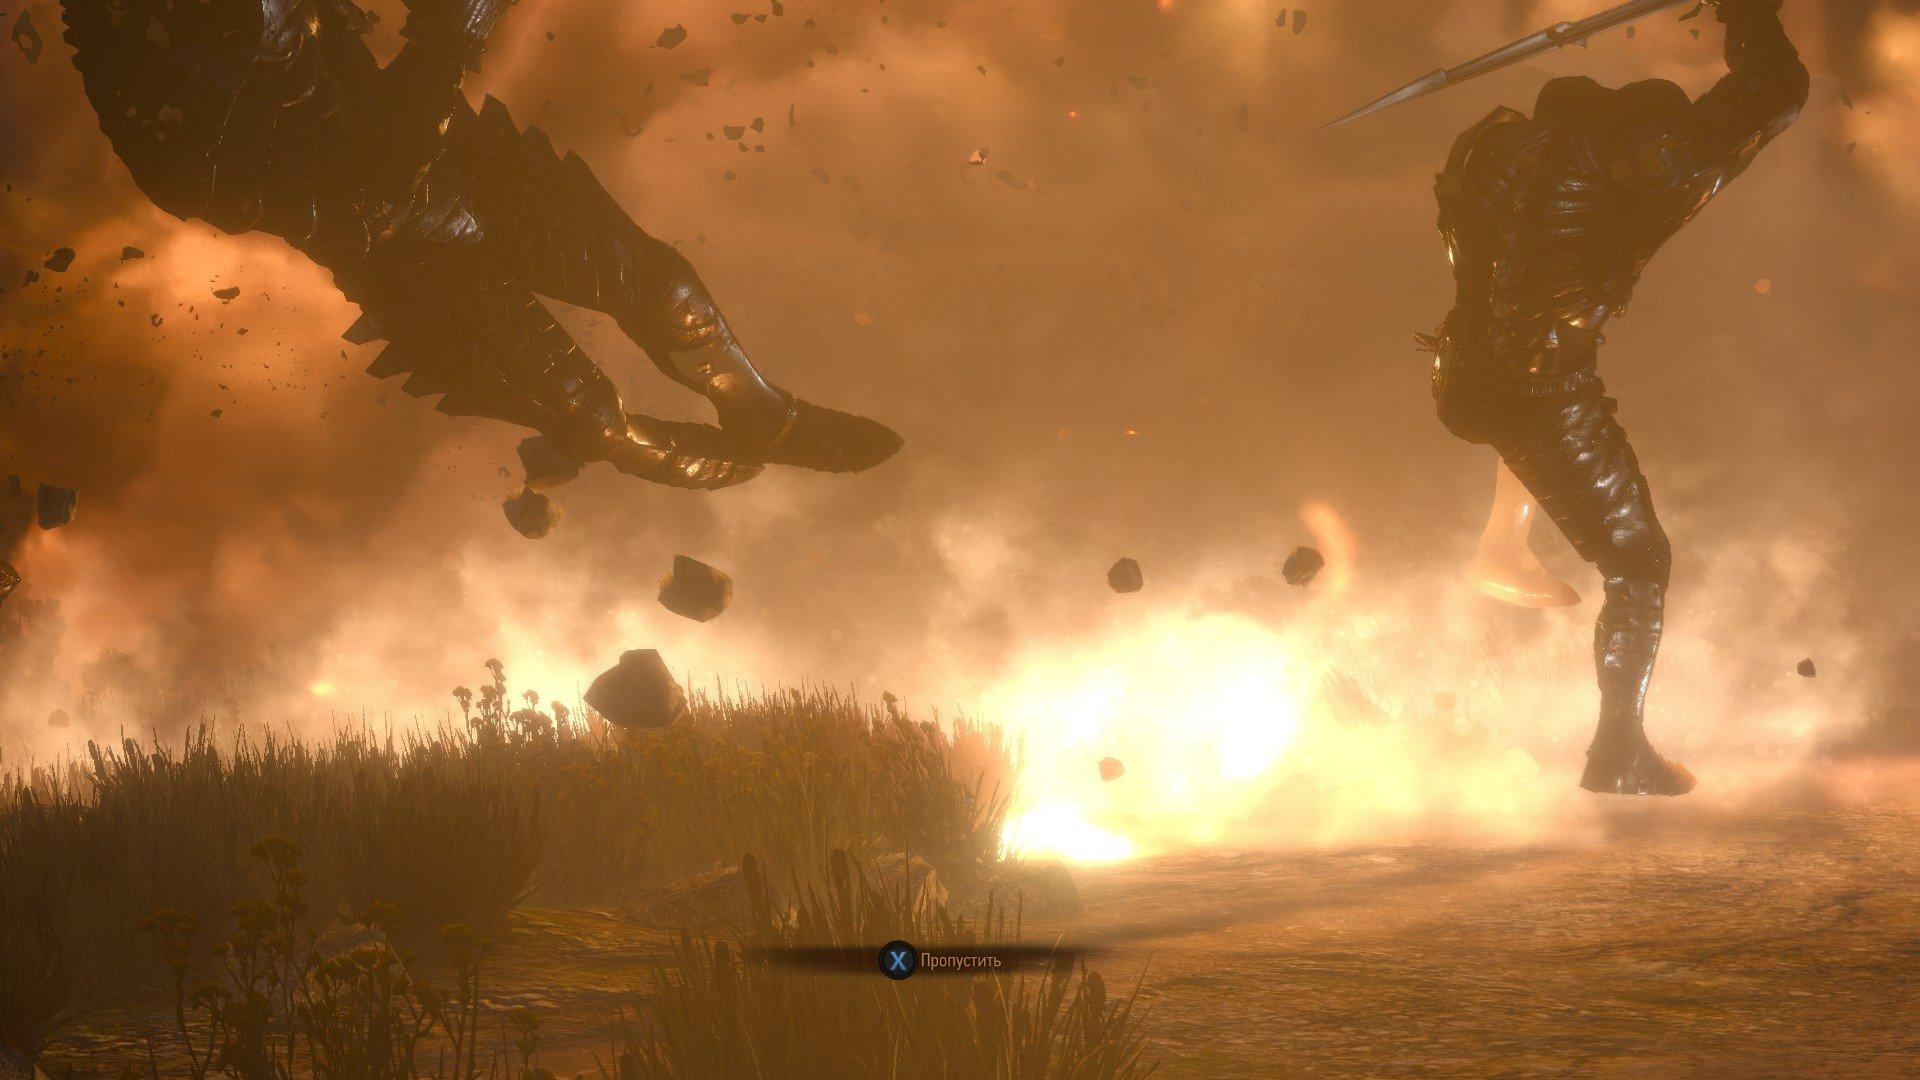 """The Witcher 3: Wild Hunt. Новая информация о дополнении """"КАМЕННЫЕ СЕРДЦА"""".  Gamestar опубликовало новые детали расши .... - Изображение 4"""